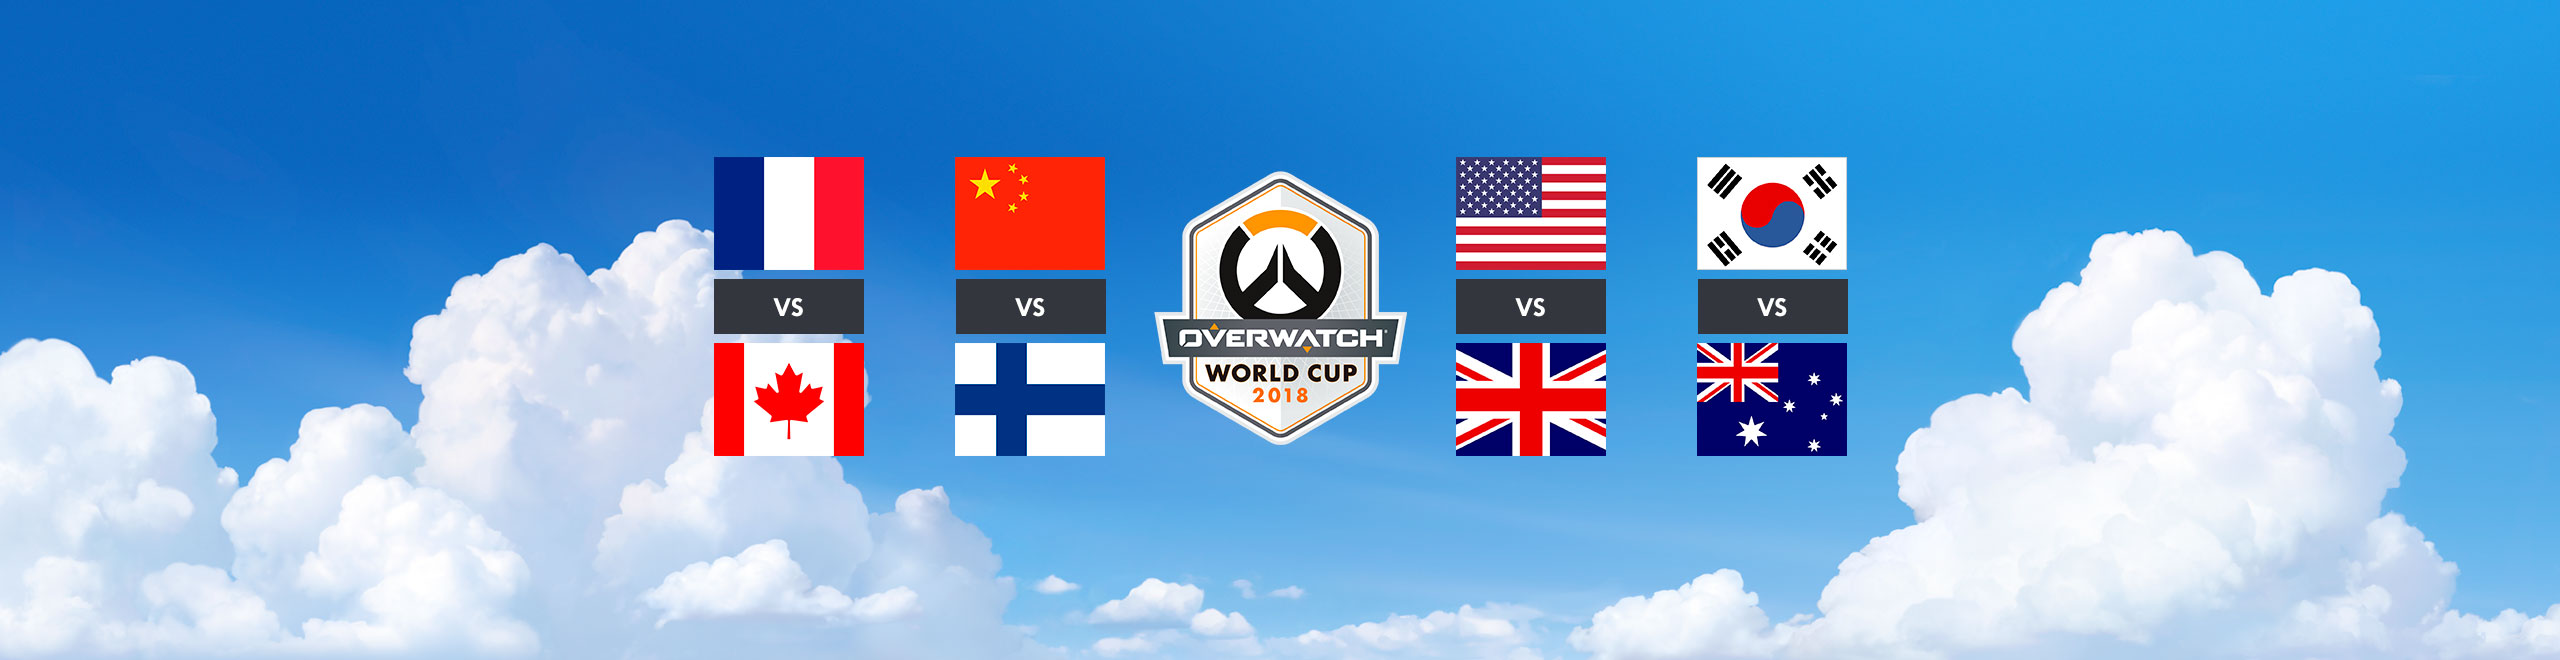 Copa mundial de Overwatch: vista previa de los 8 mejores equipos